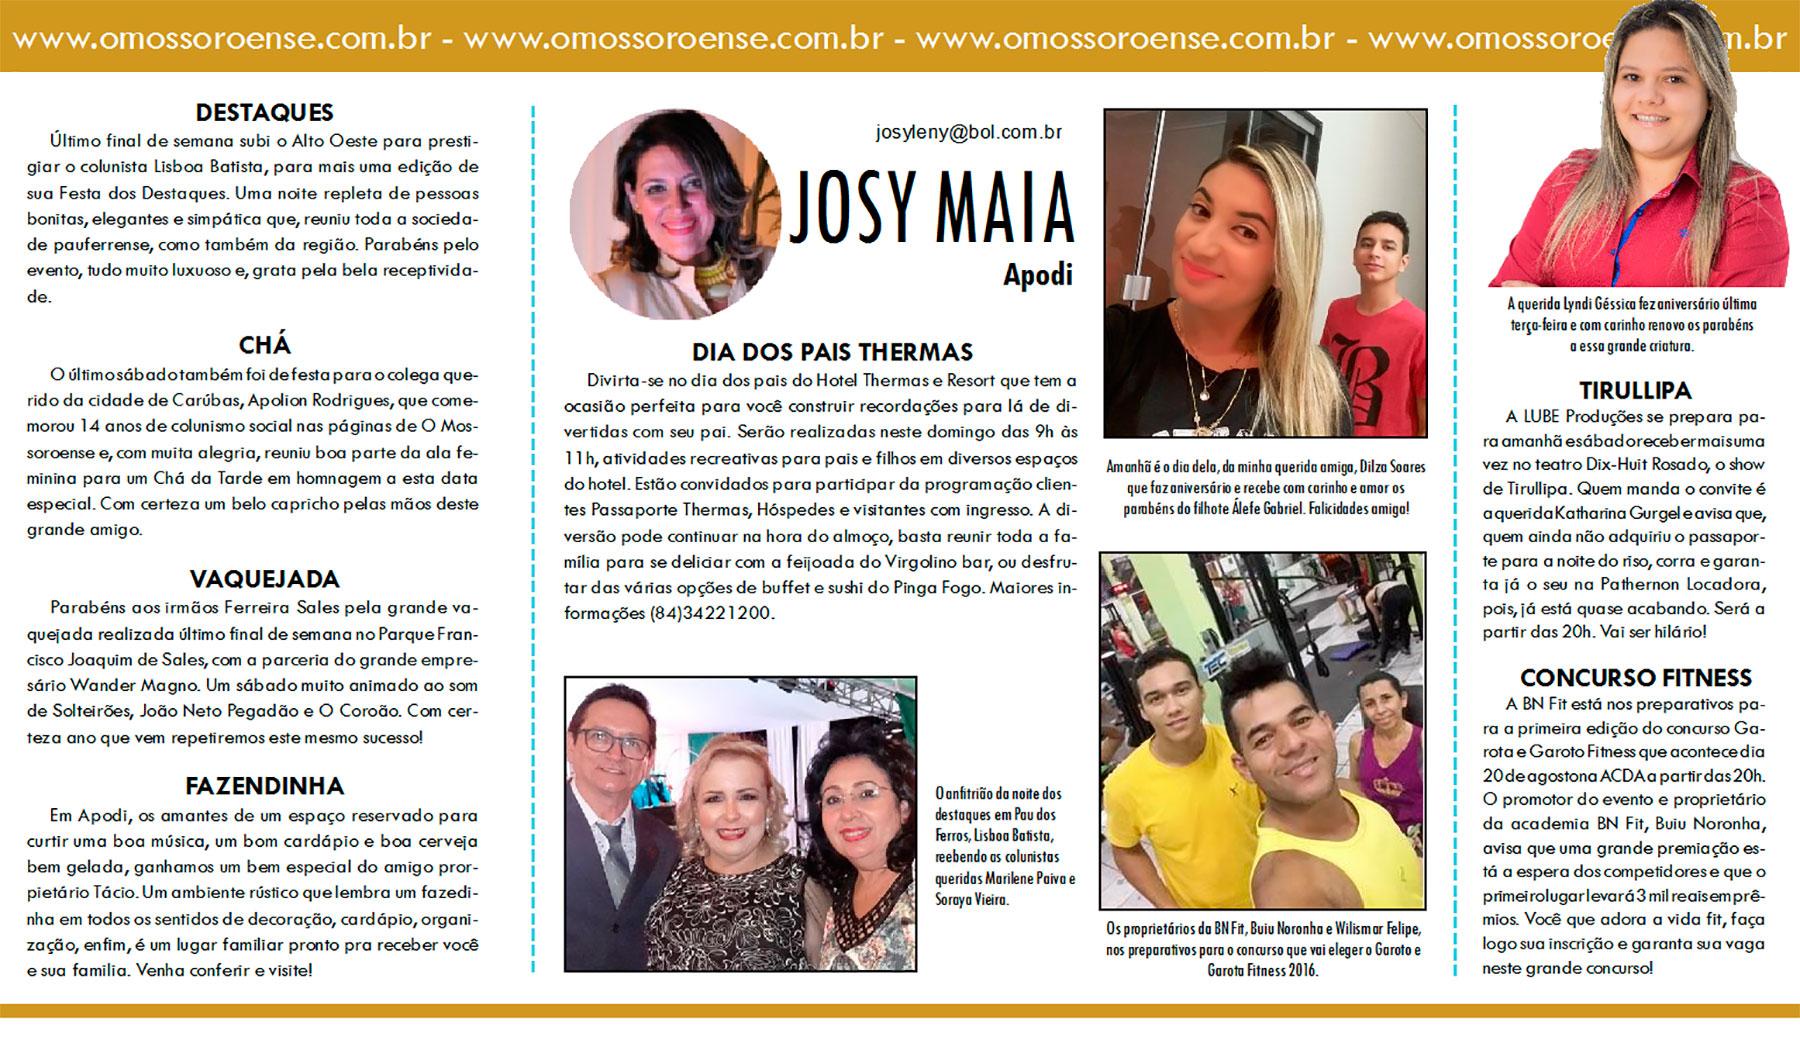 JOSY-MAIA-10-08-16